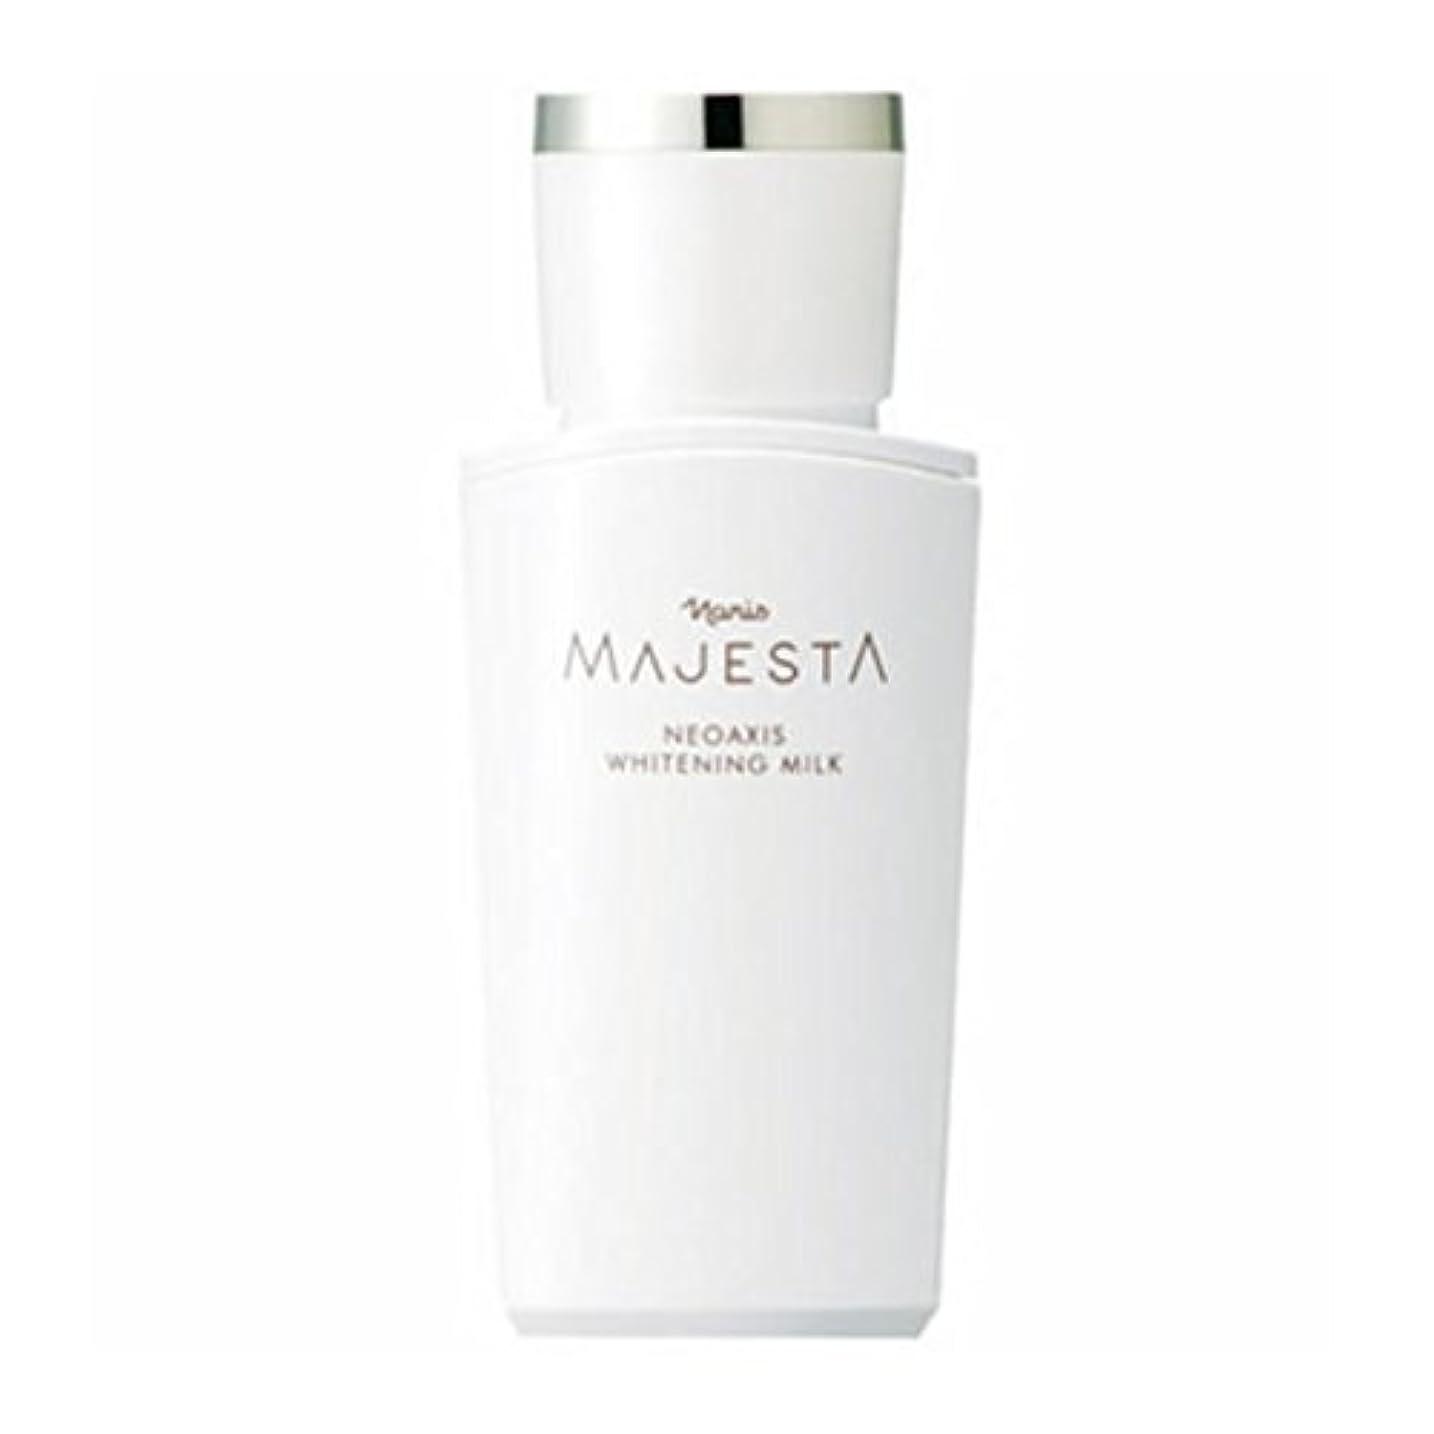 モンスタージャンクションコストナリス化粧品 マジェスタ ネオアクシス ホワイトニング ミルク (薬用 美白乳液) 80ml